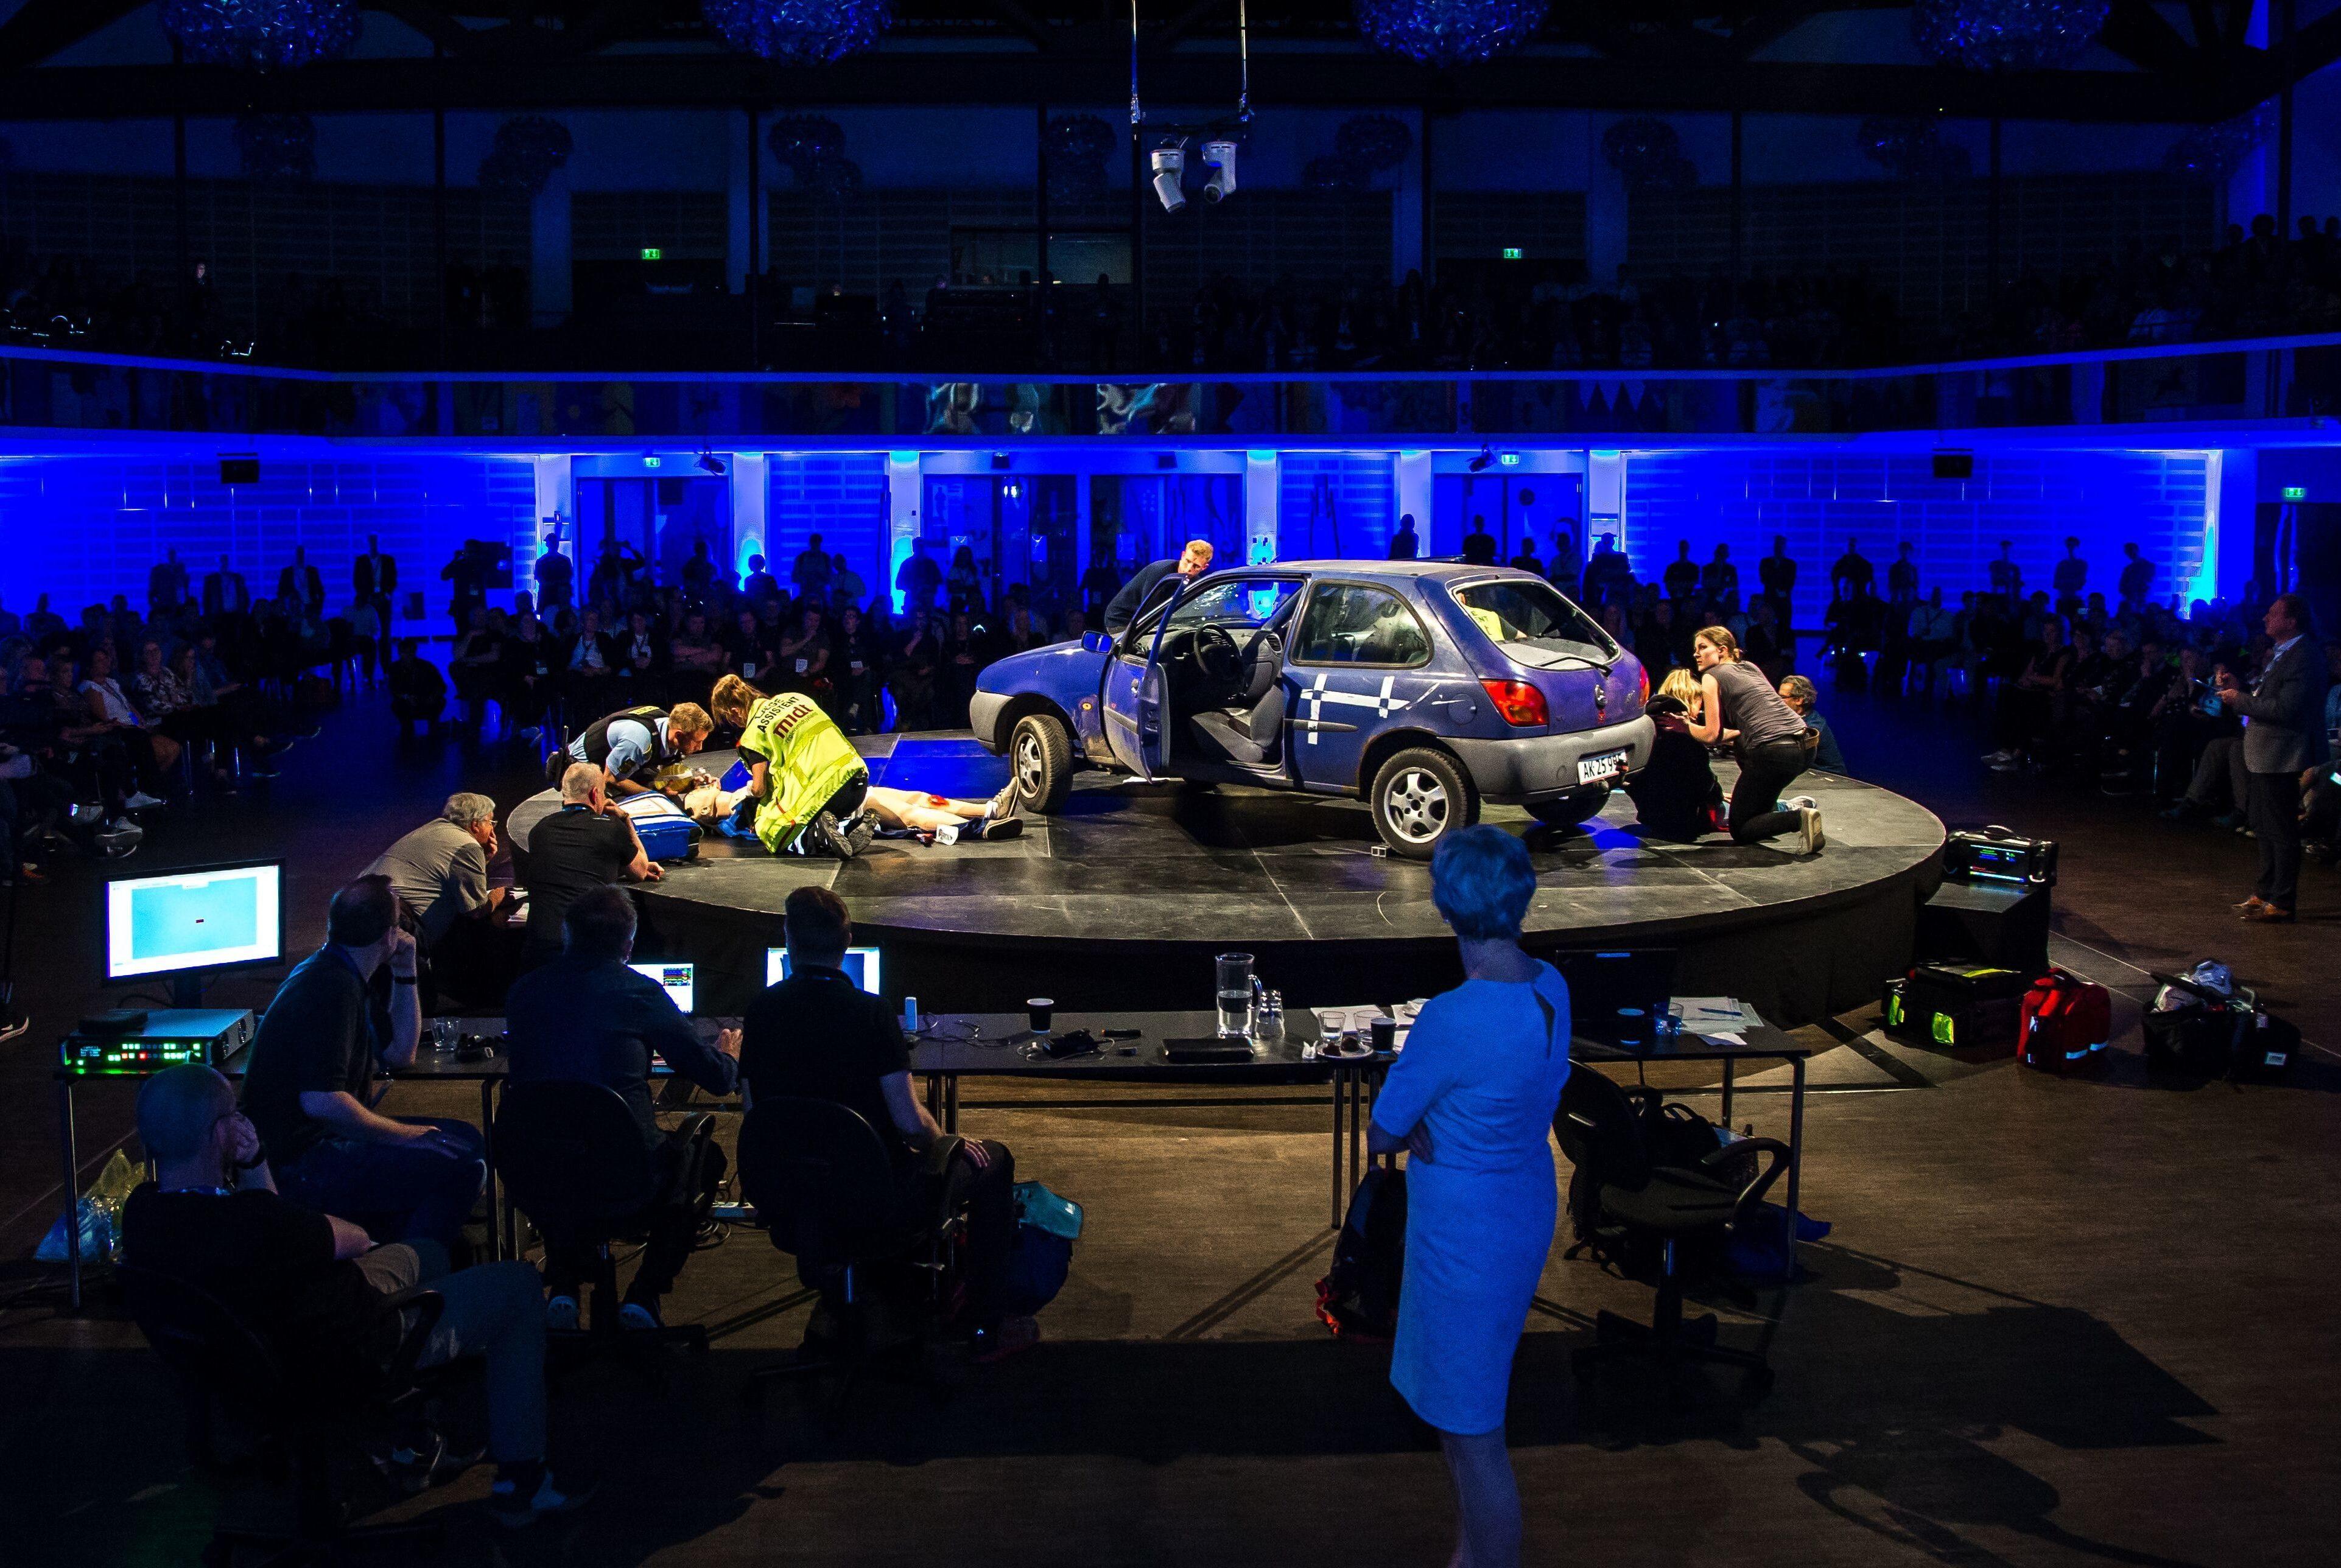 EMS Scene med uheld og publikum